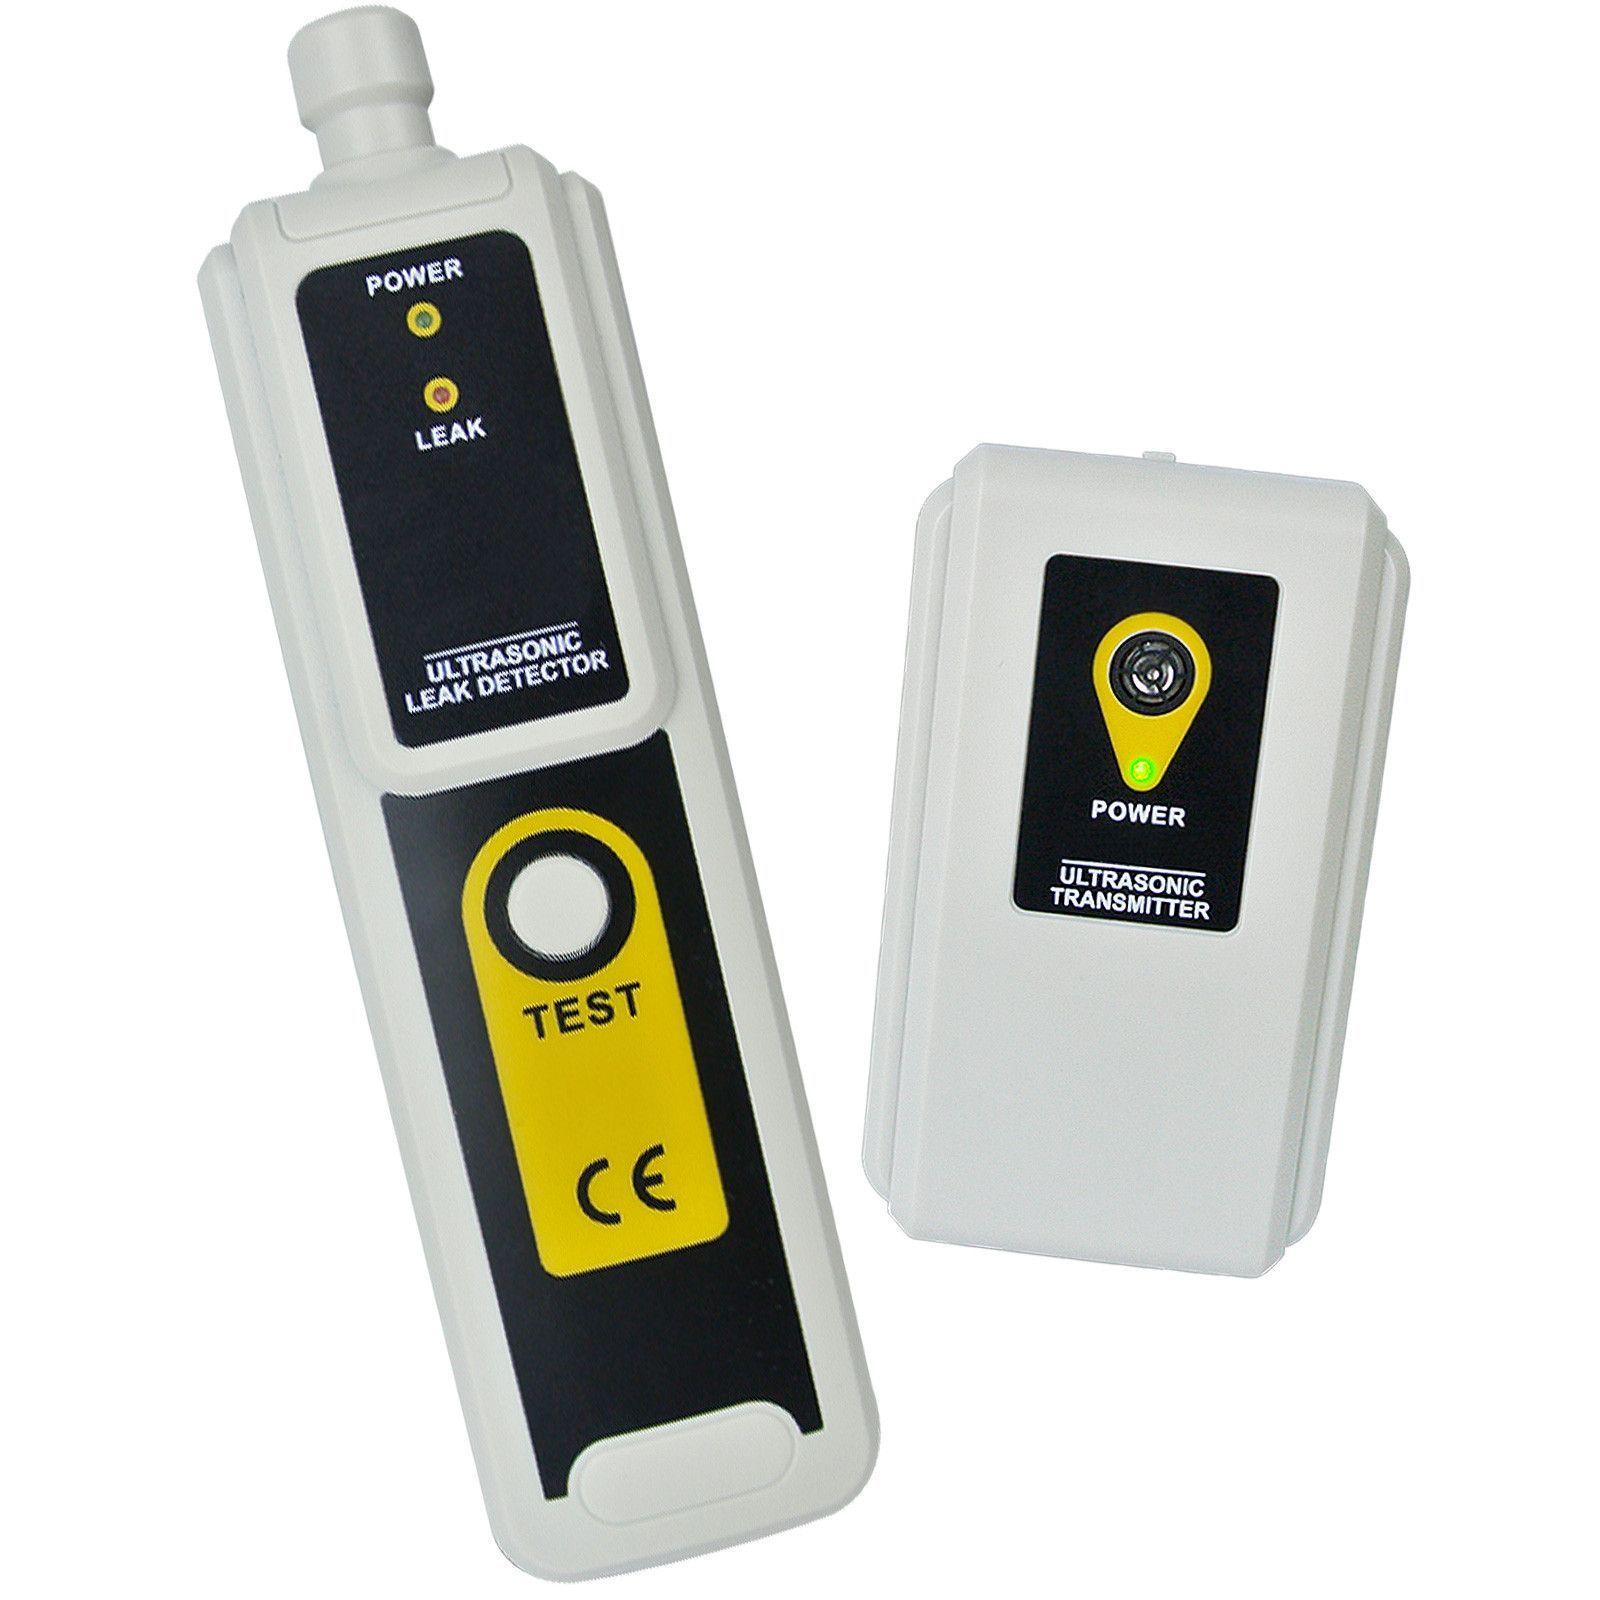 E04003 Ultrasonic Leak detector & Transmitter Detects Air